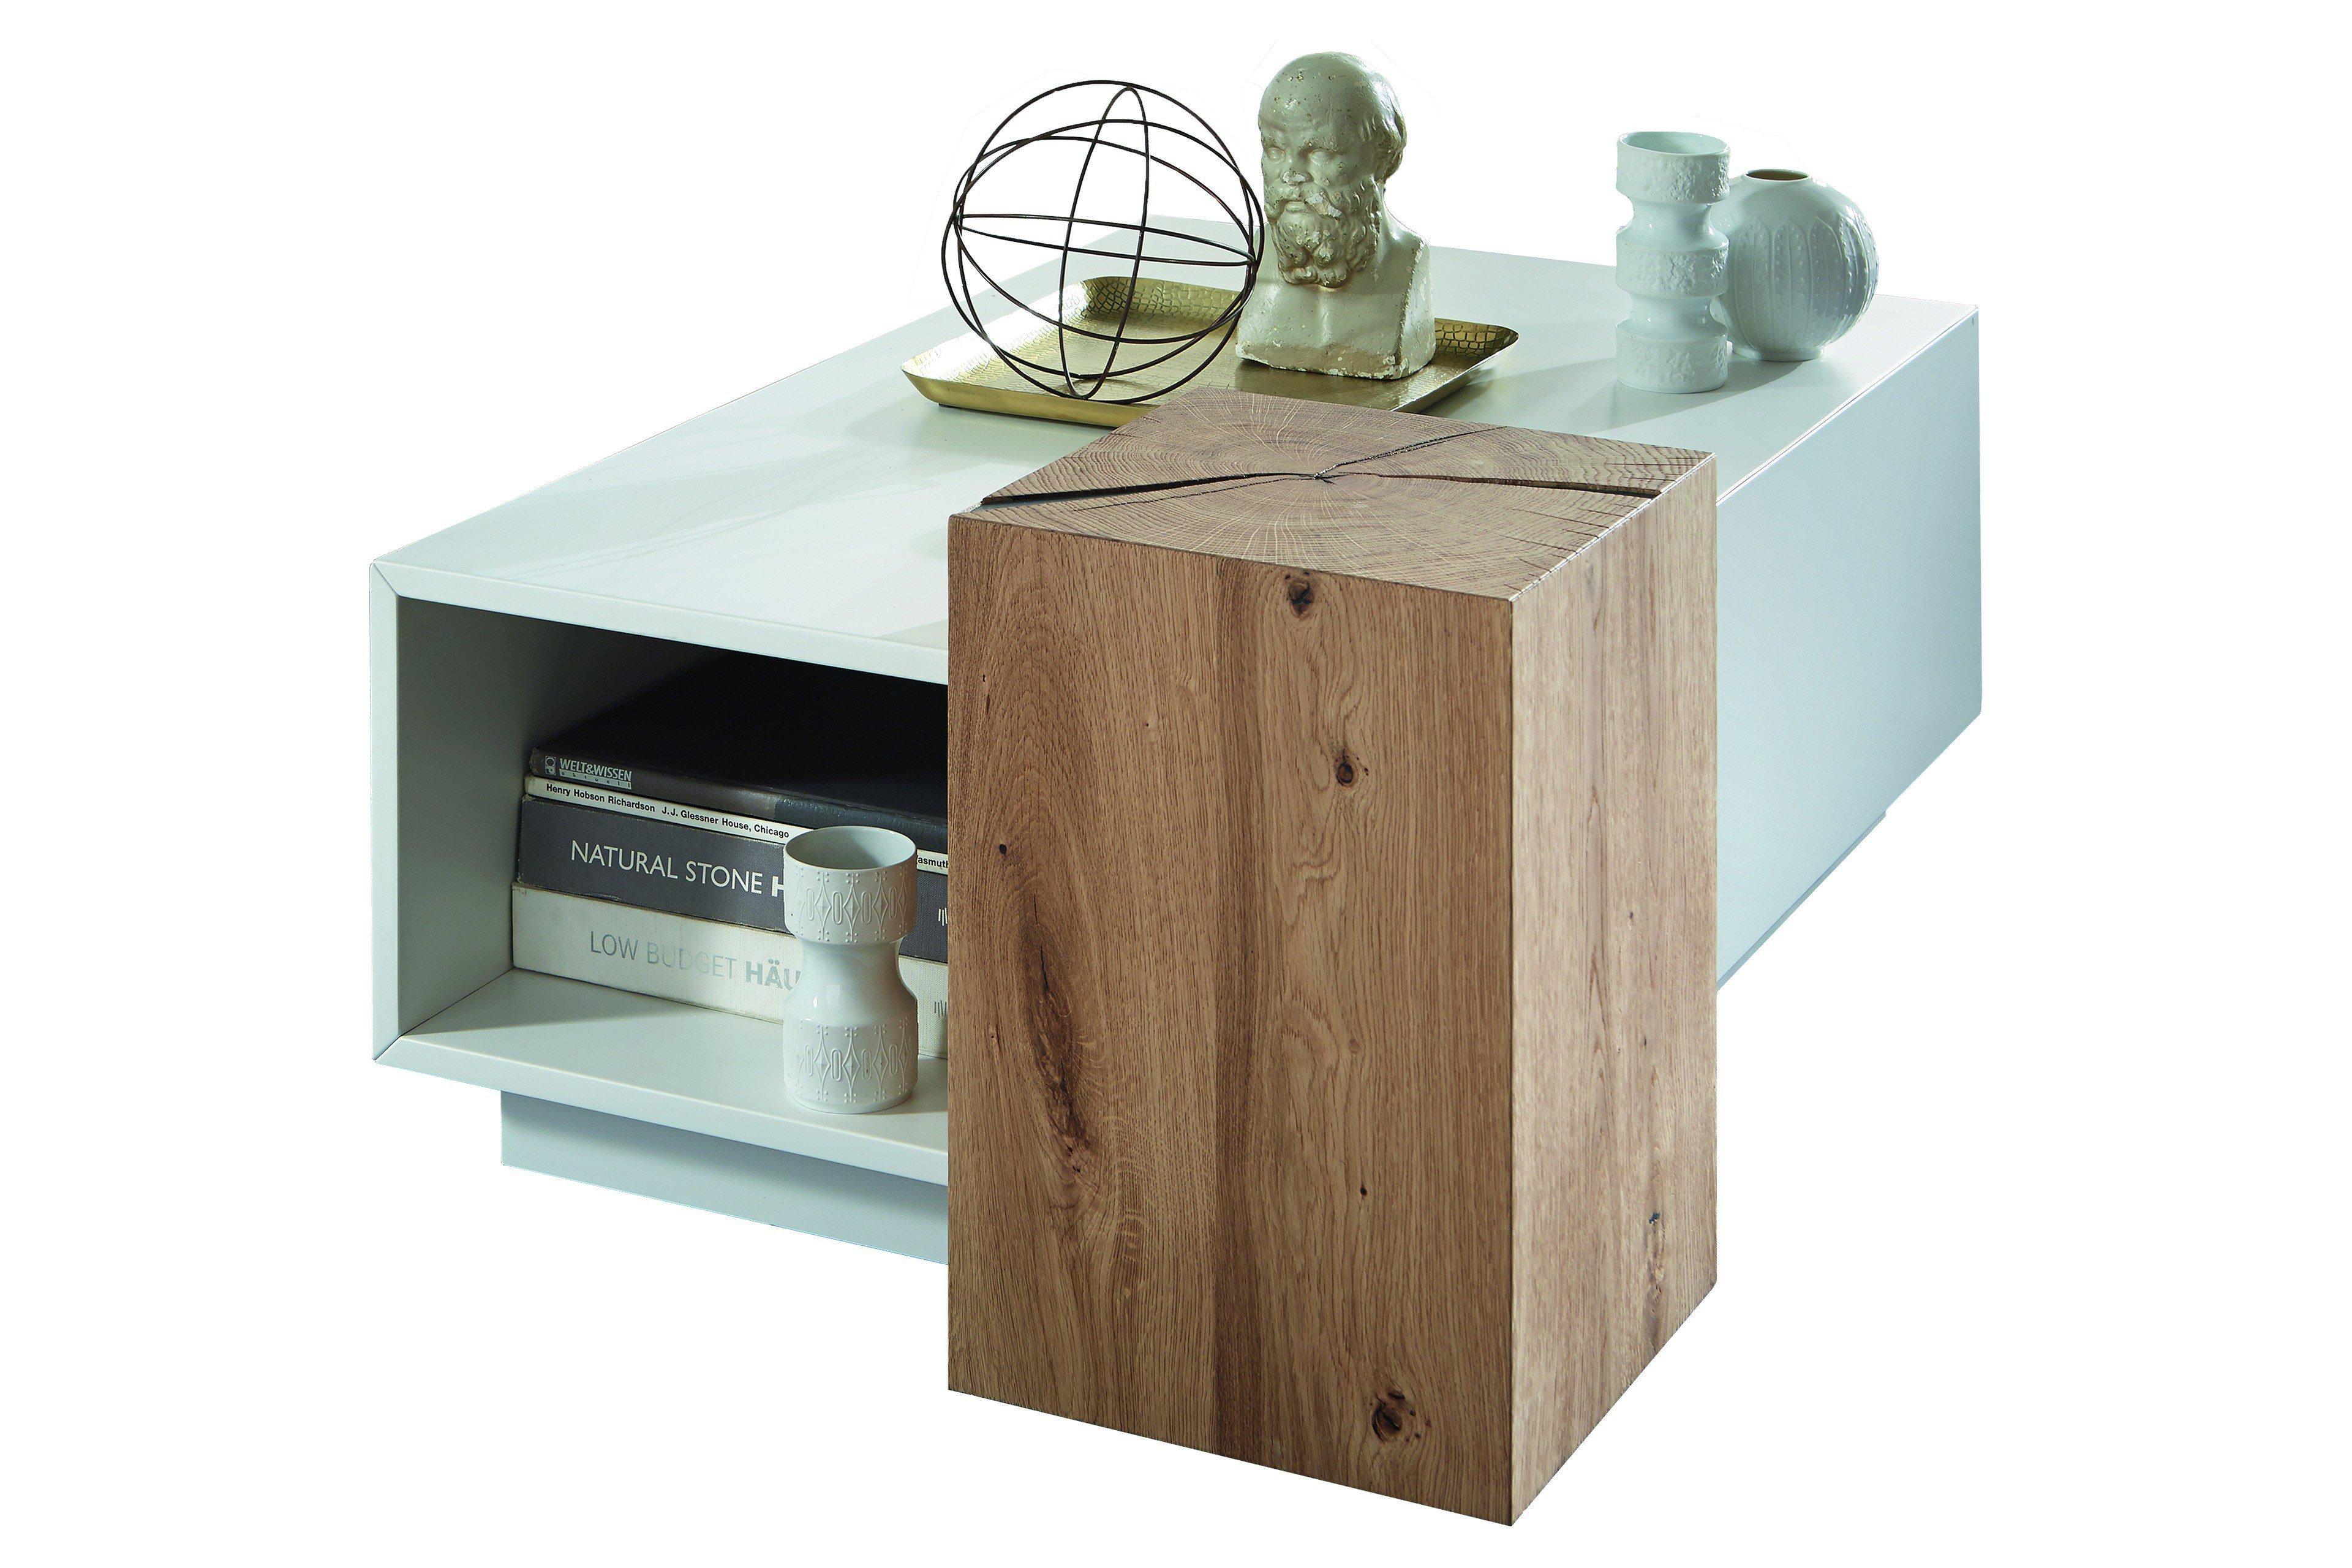 Wöstmann Couchtisch Nw 440 Bianco Möbel Letz Ihr Online Shop